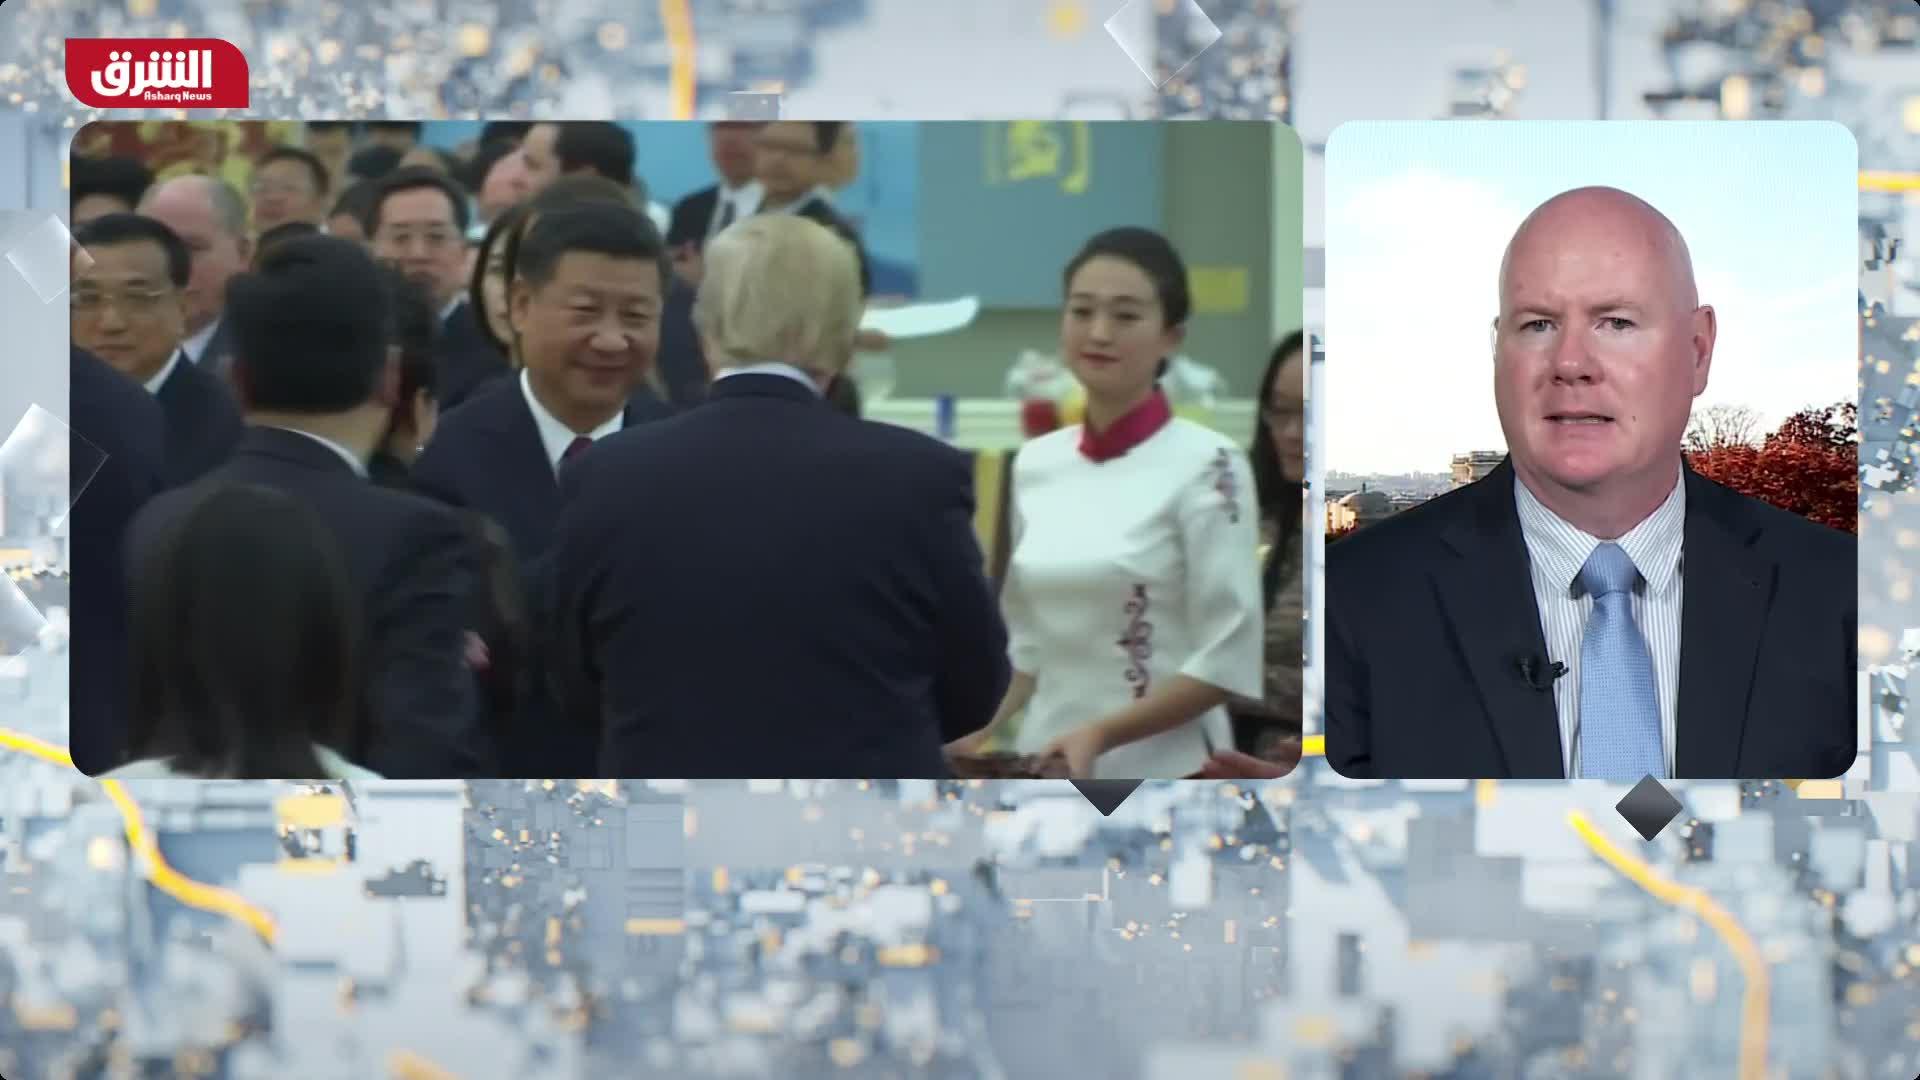 هل الولايات المتحدة قادرة على فتح جبهتين اقتصادية ضد الصين وسياسية ضد روسيا؟